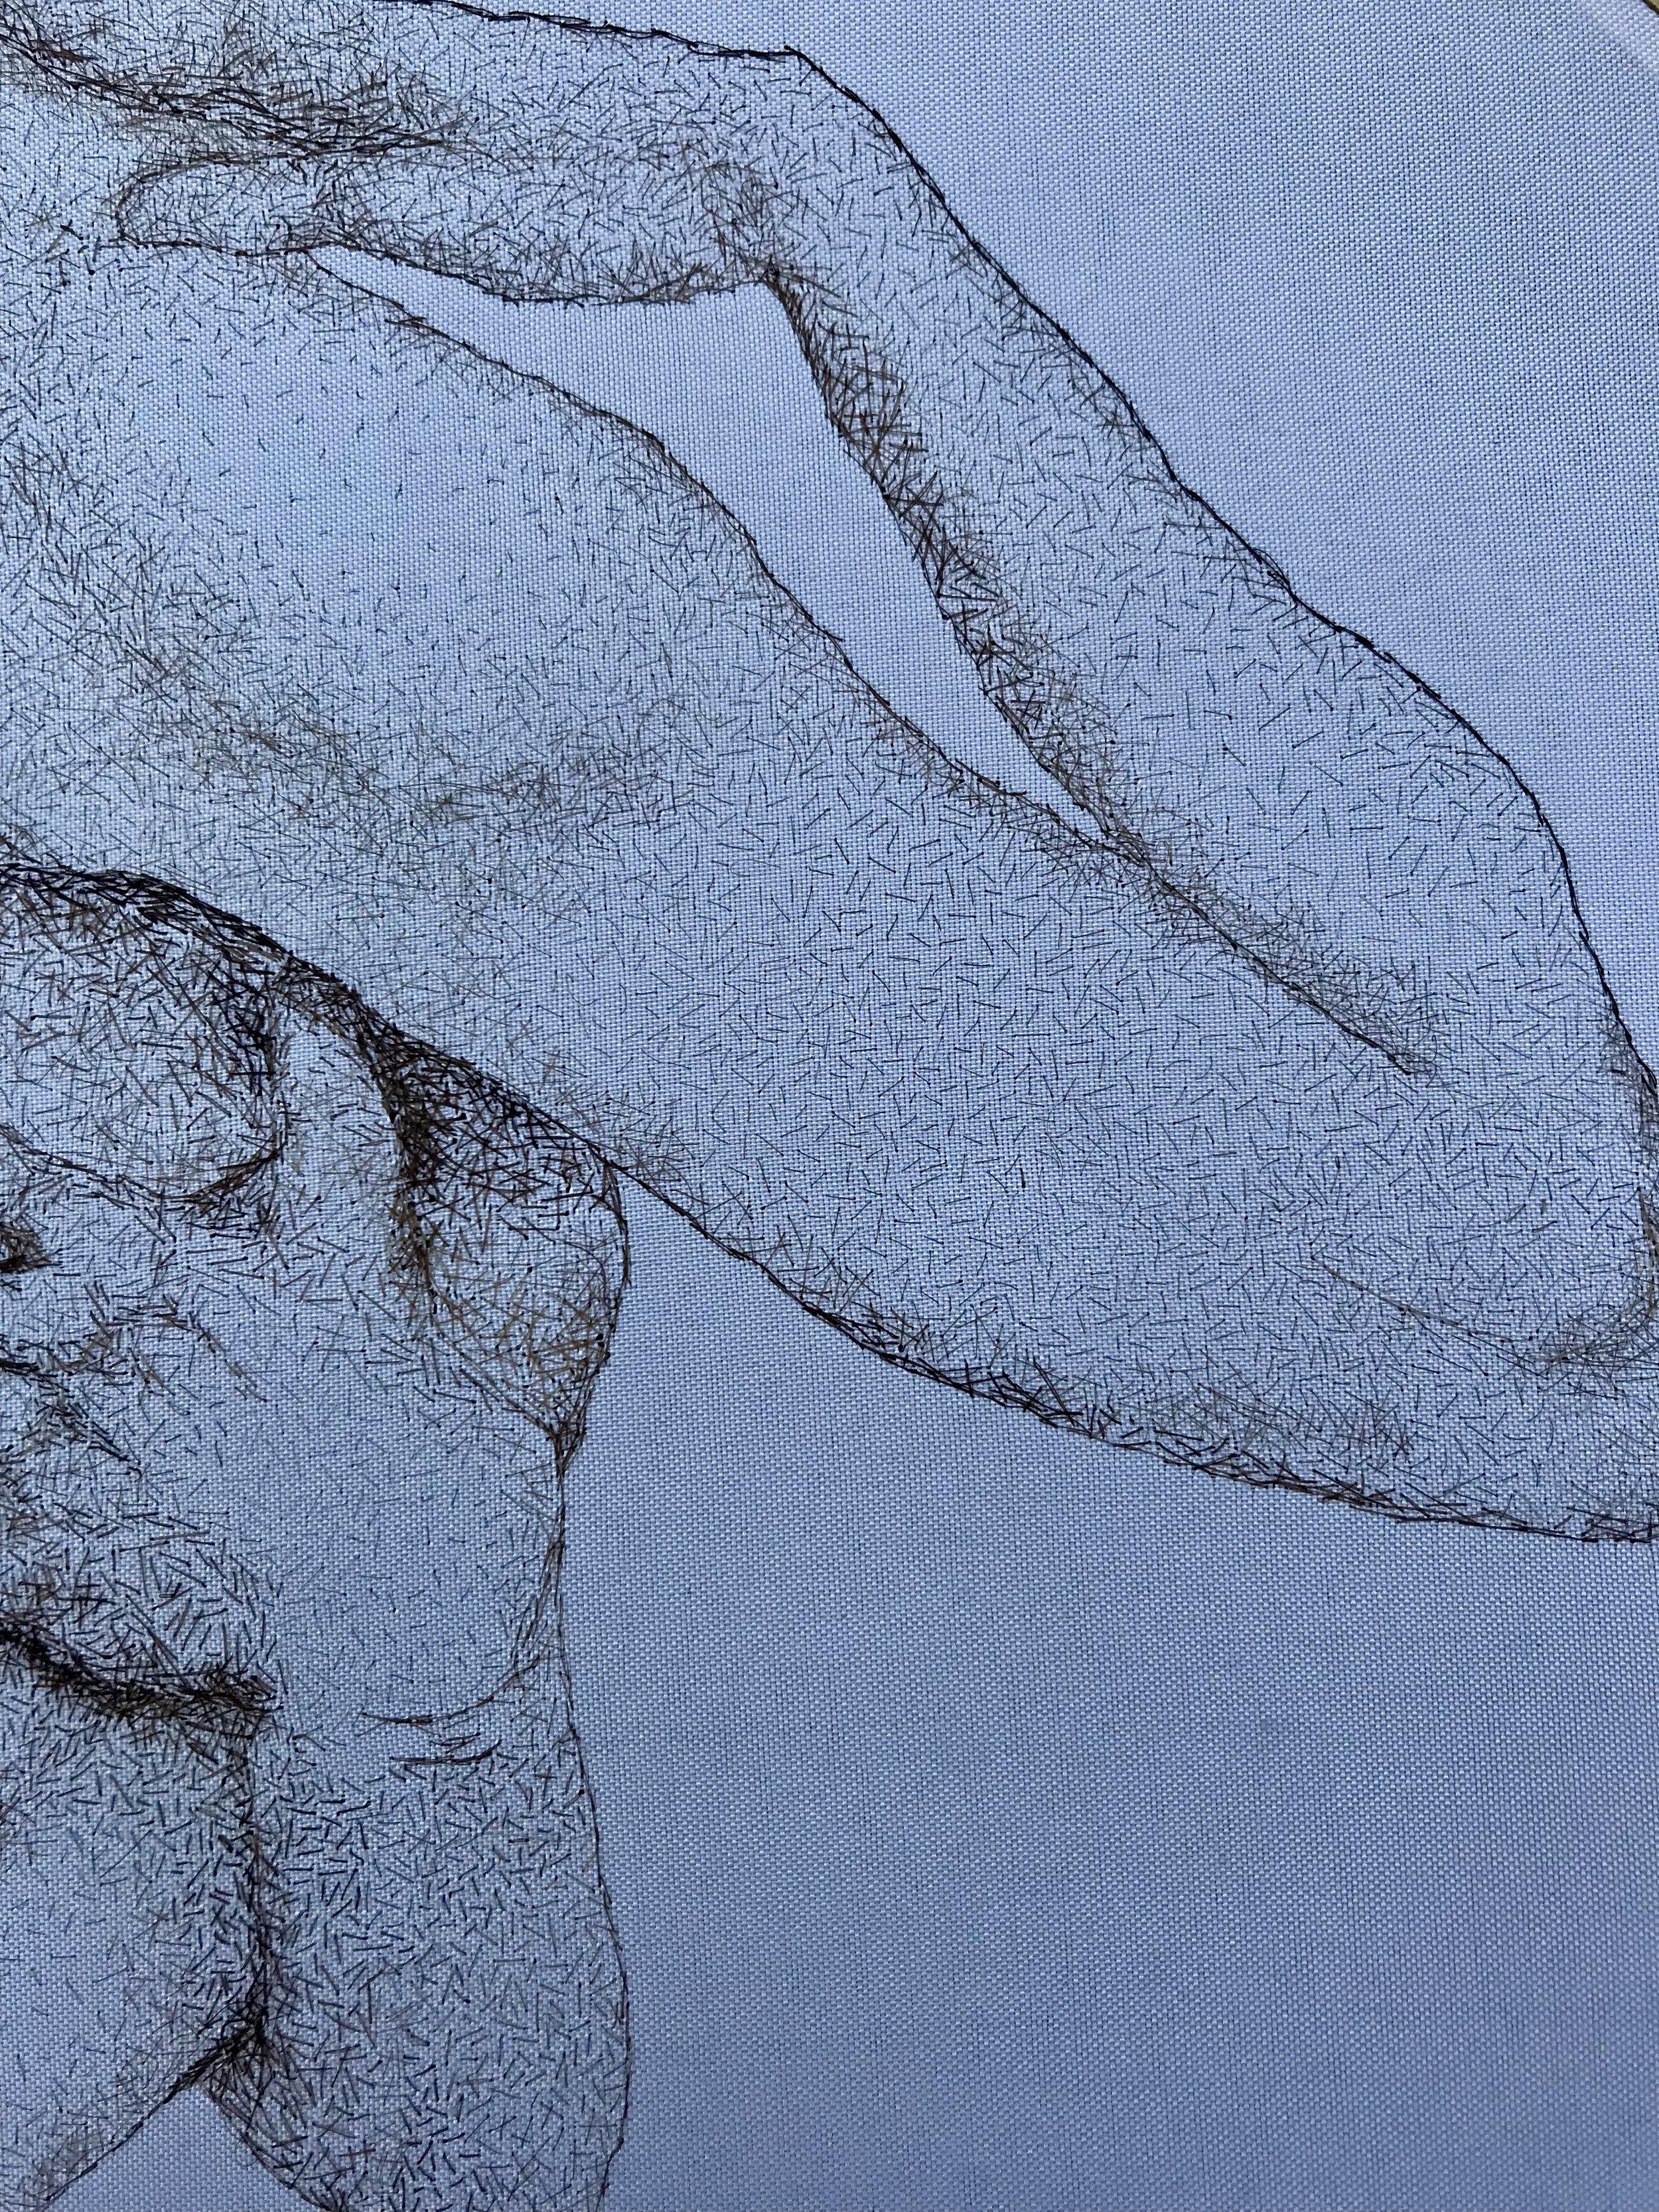 Hirsute Detail 4.JPG